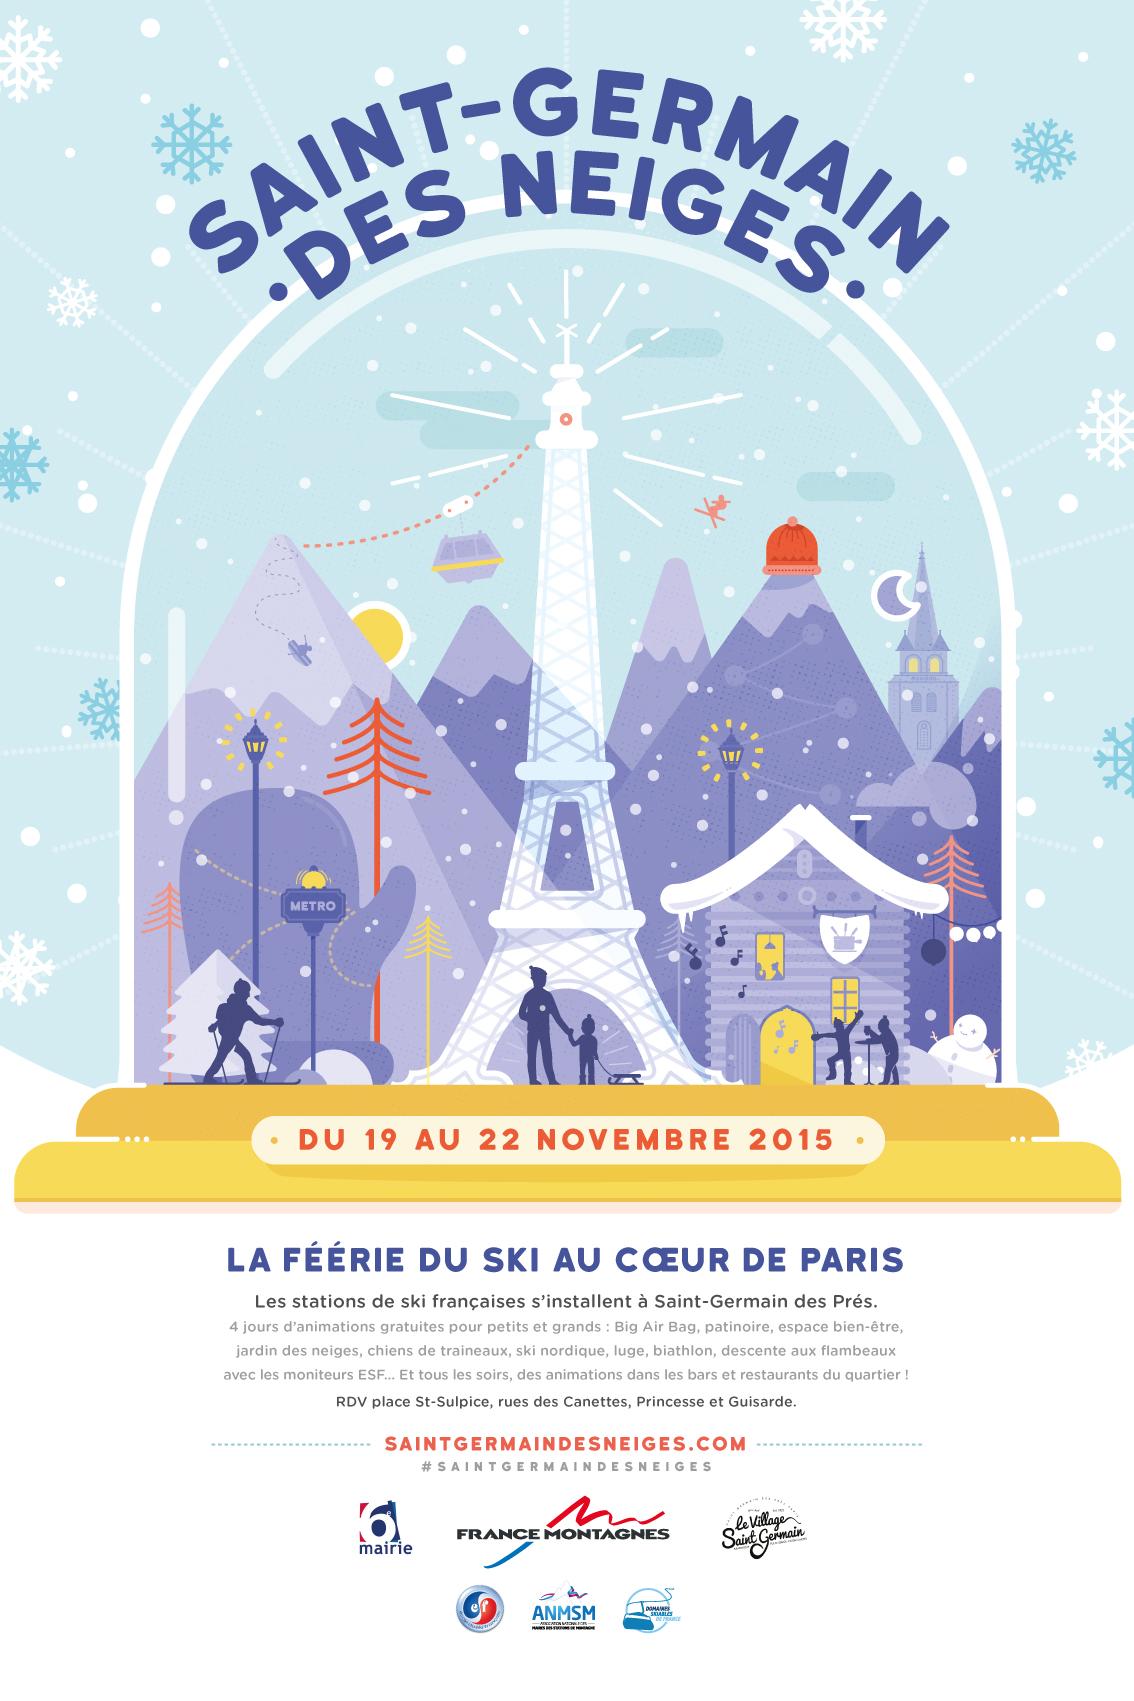 Saint Germain des neiges 2015 - France Montagnes